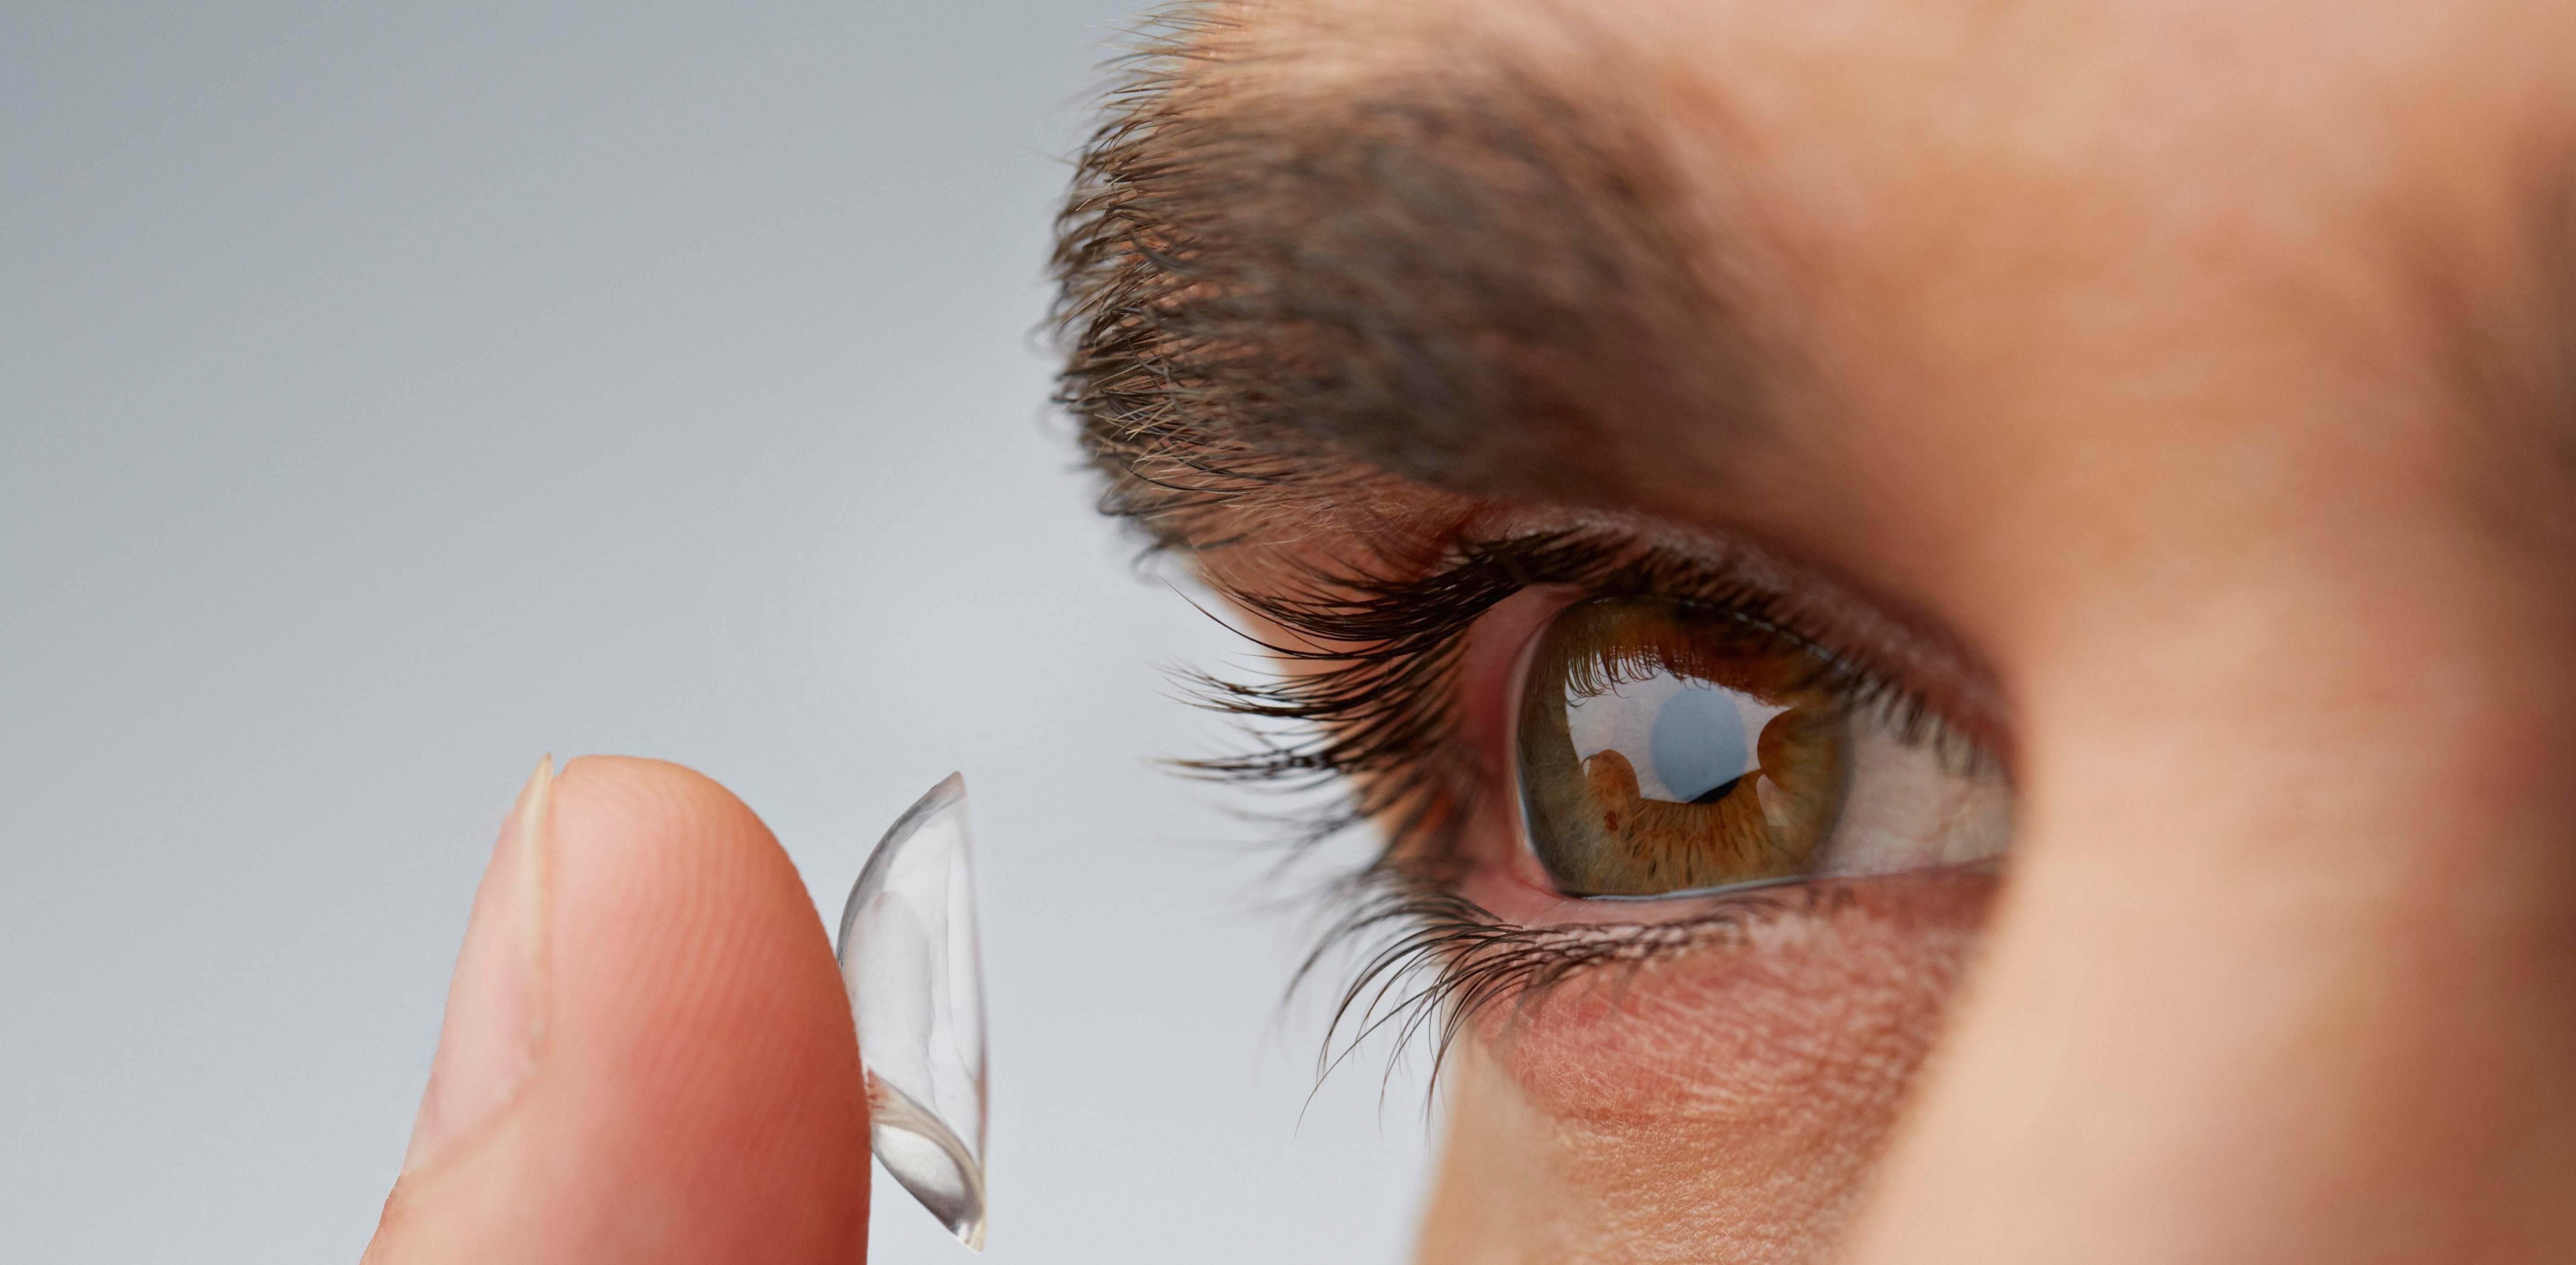 можно ли хранить контактные линзы в воде